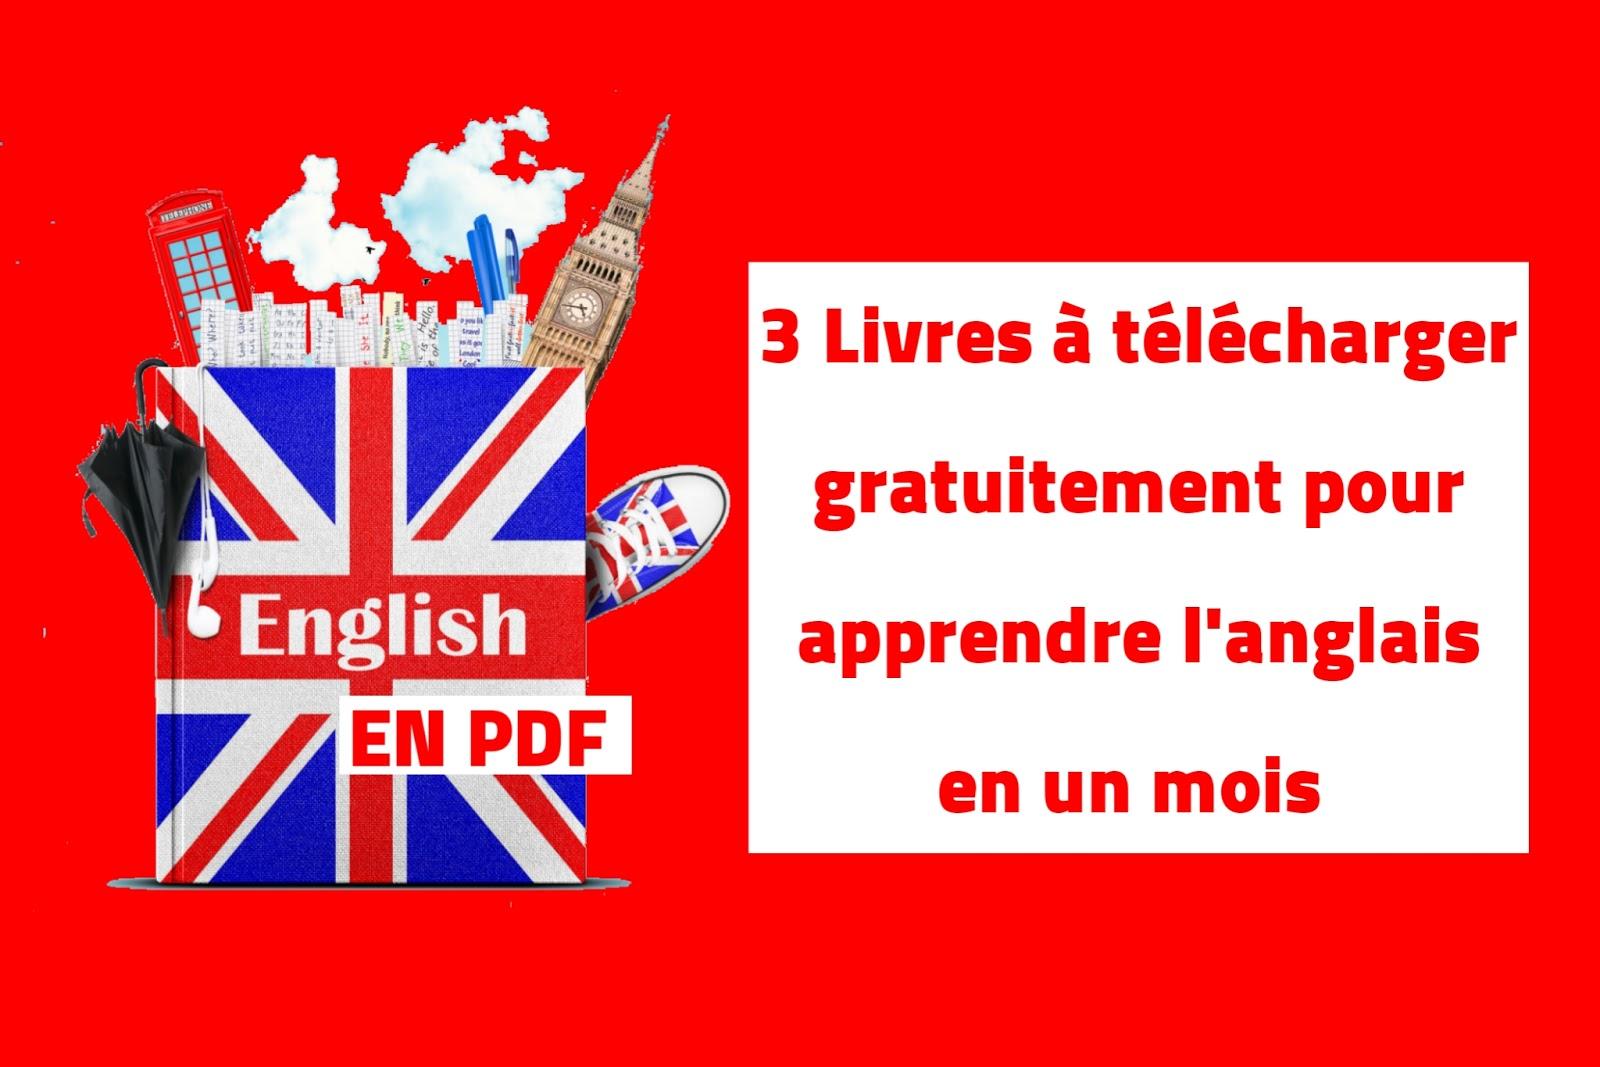 3 Livres A Telecharger Gratuitement Pour Apprendre Et